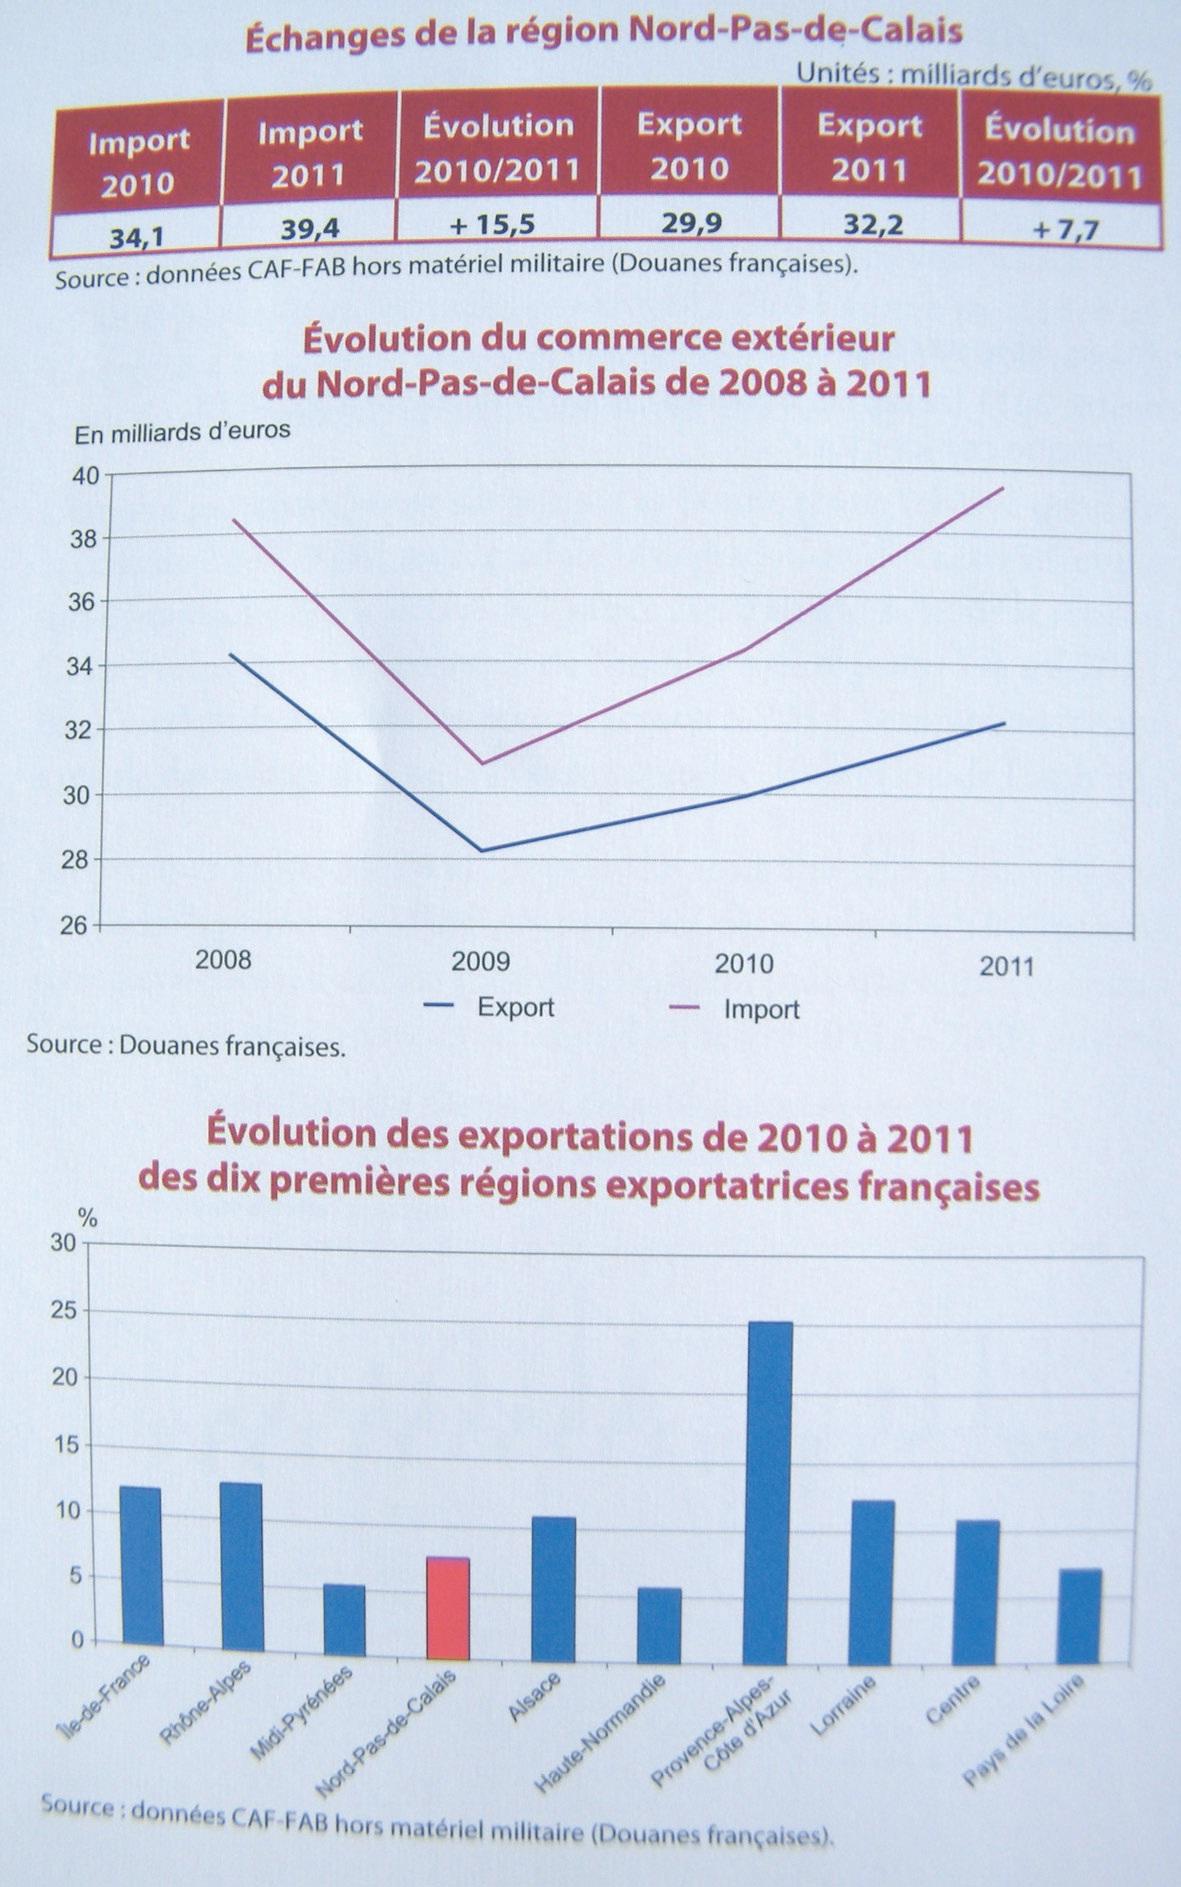 Echanges de la région Nord-Pas-de-Calais.